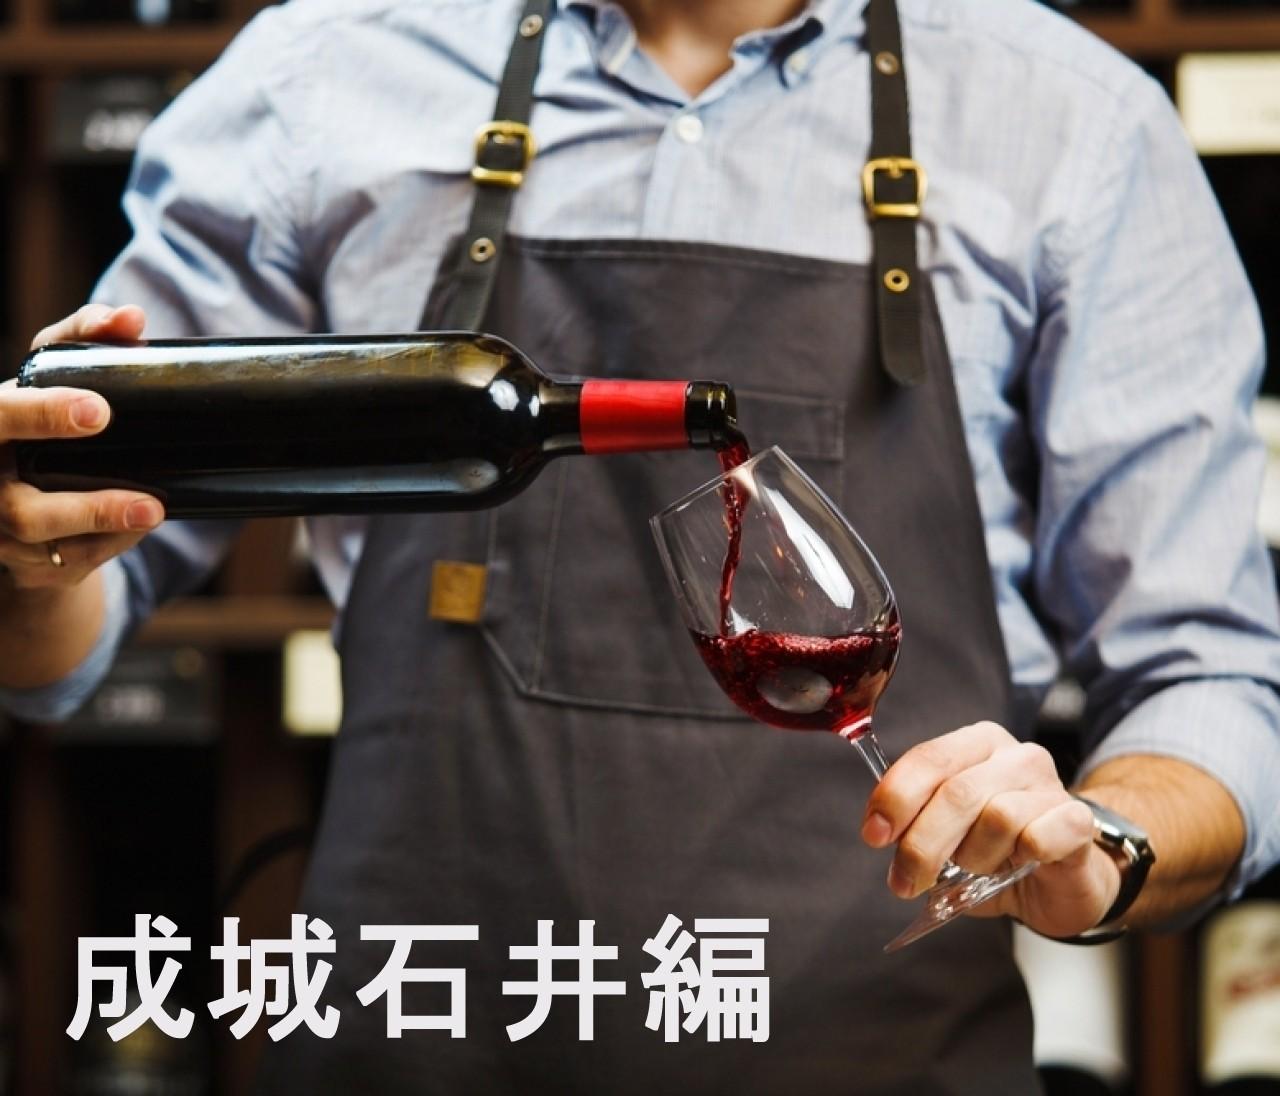 【ソムリエ監修】ご近所で買えるおすすめおうちワイン#4【成城石井編】